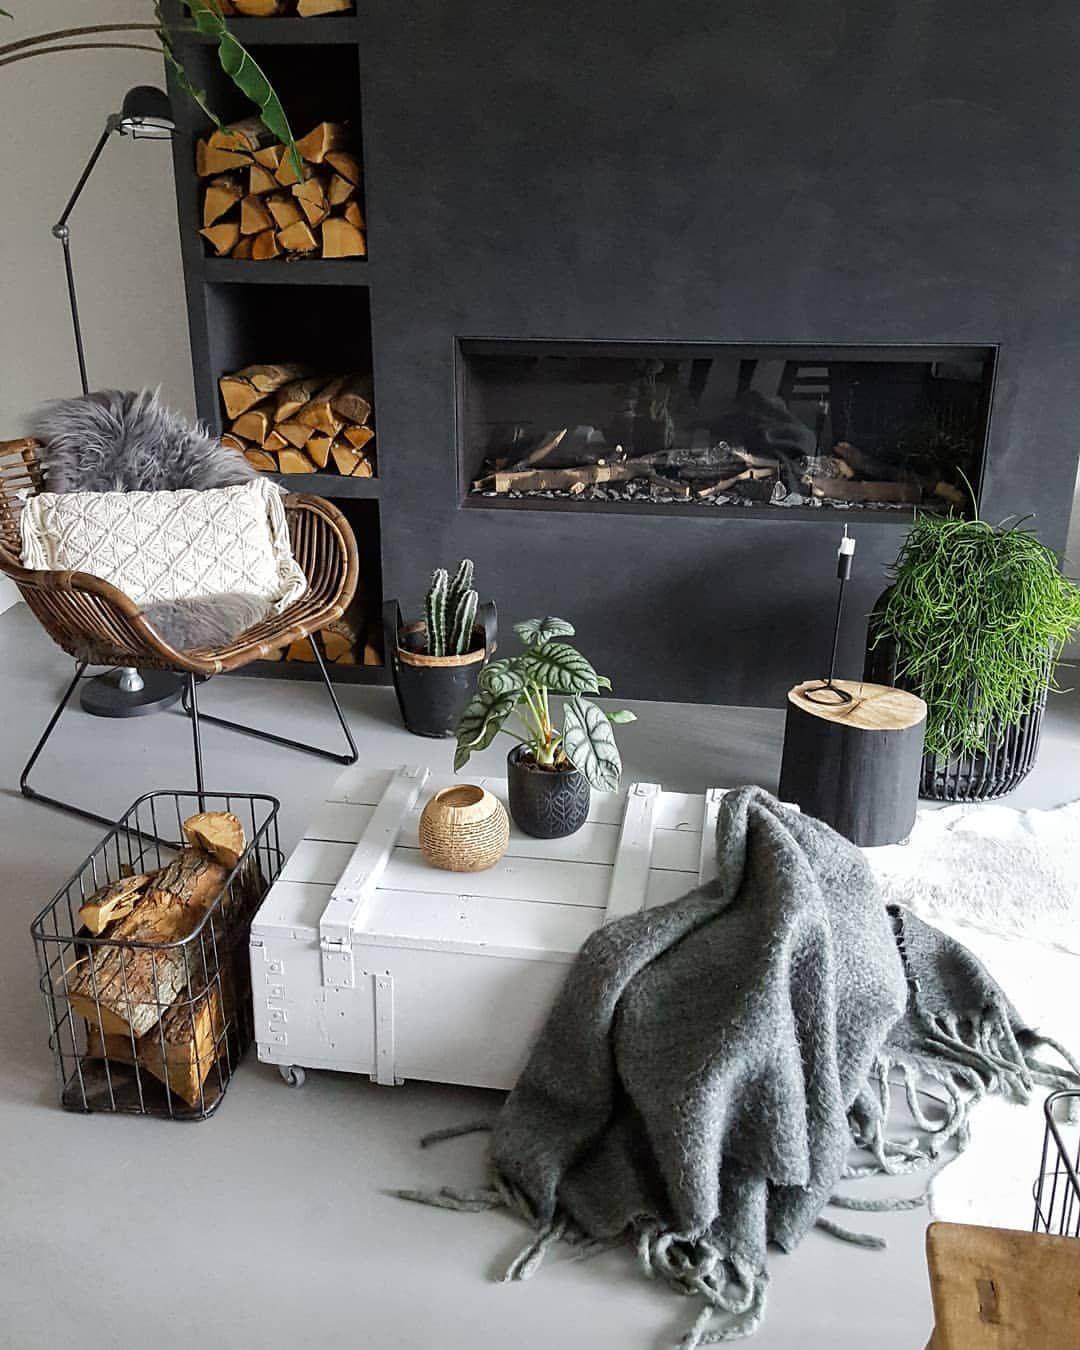 Innenarchitektur wohnzimmer grundrisse pin von gundula baumert auf wohnen  pinterest  haus wohnzimmer